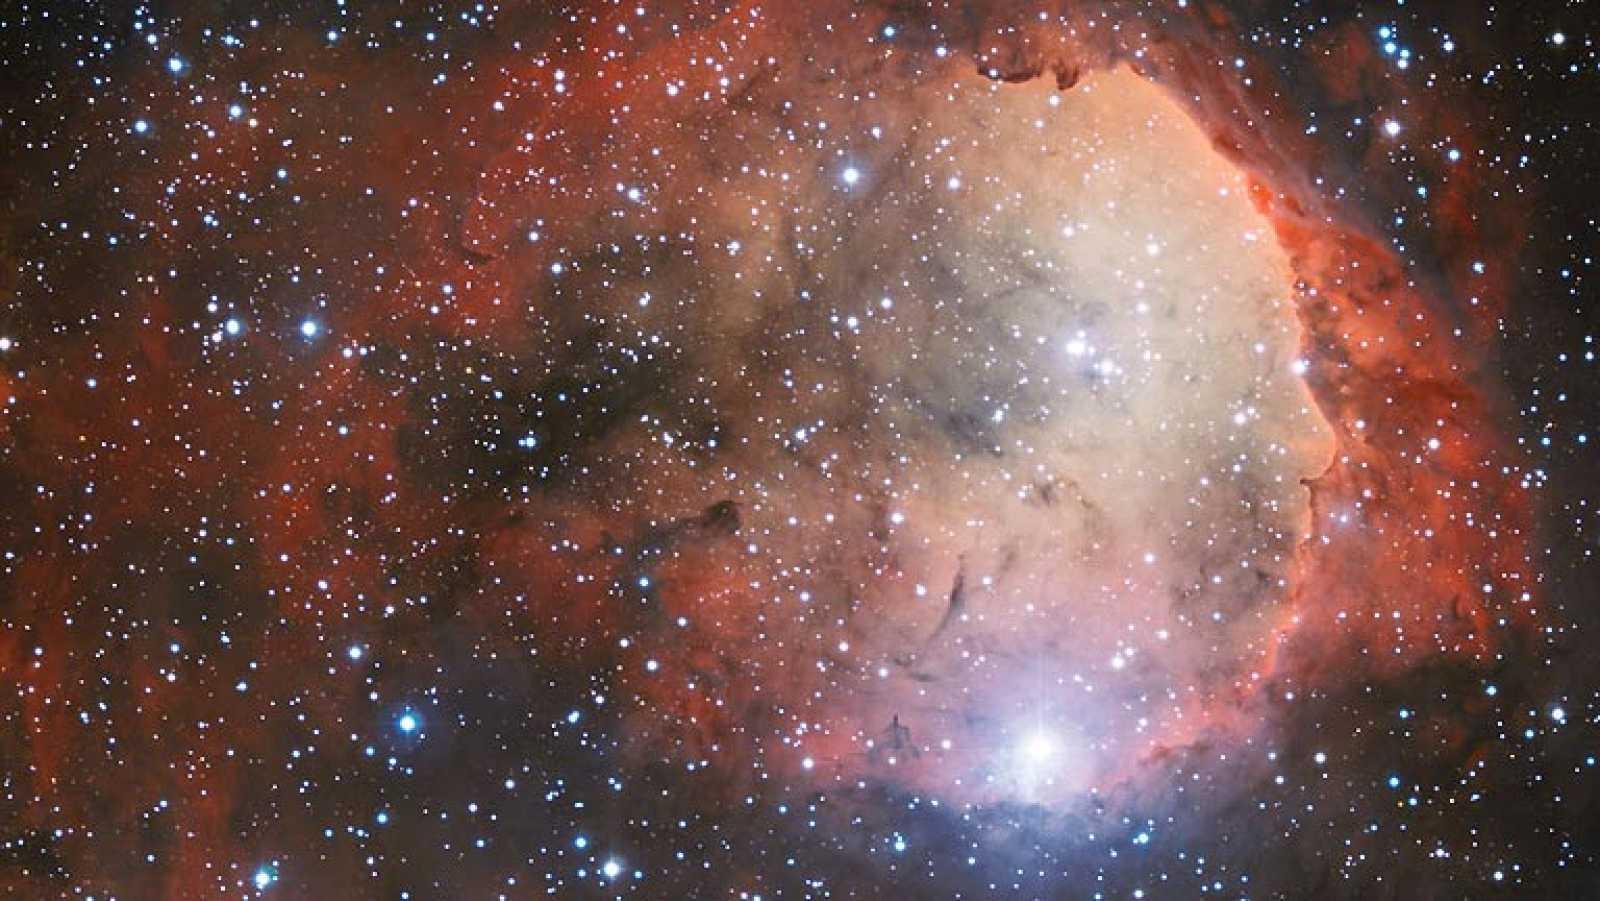 Esta nueva imagen muestra una guardería de estrellas llamada NGC 3324, que tiene la particular forma de un rostro de perfil. Fue tomada utilizando el instrumento Wide Field Imager instalado en el telescopio MPG/ESO de 2,2 metros de ESO, en el observa